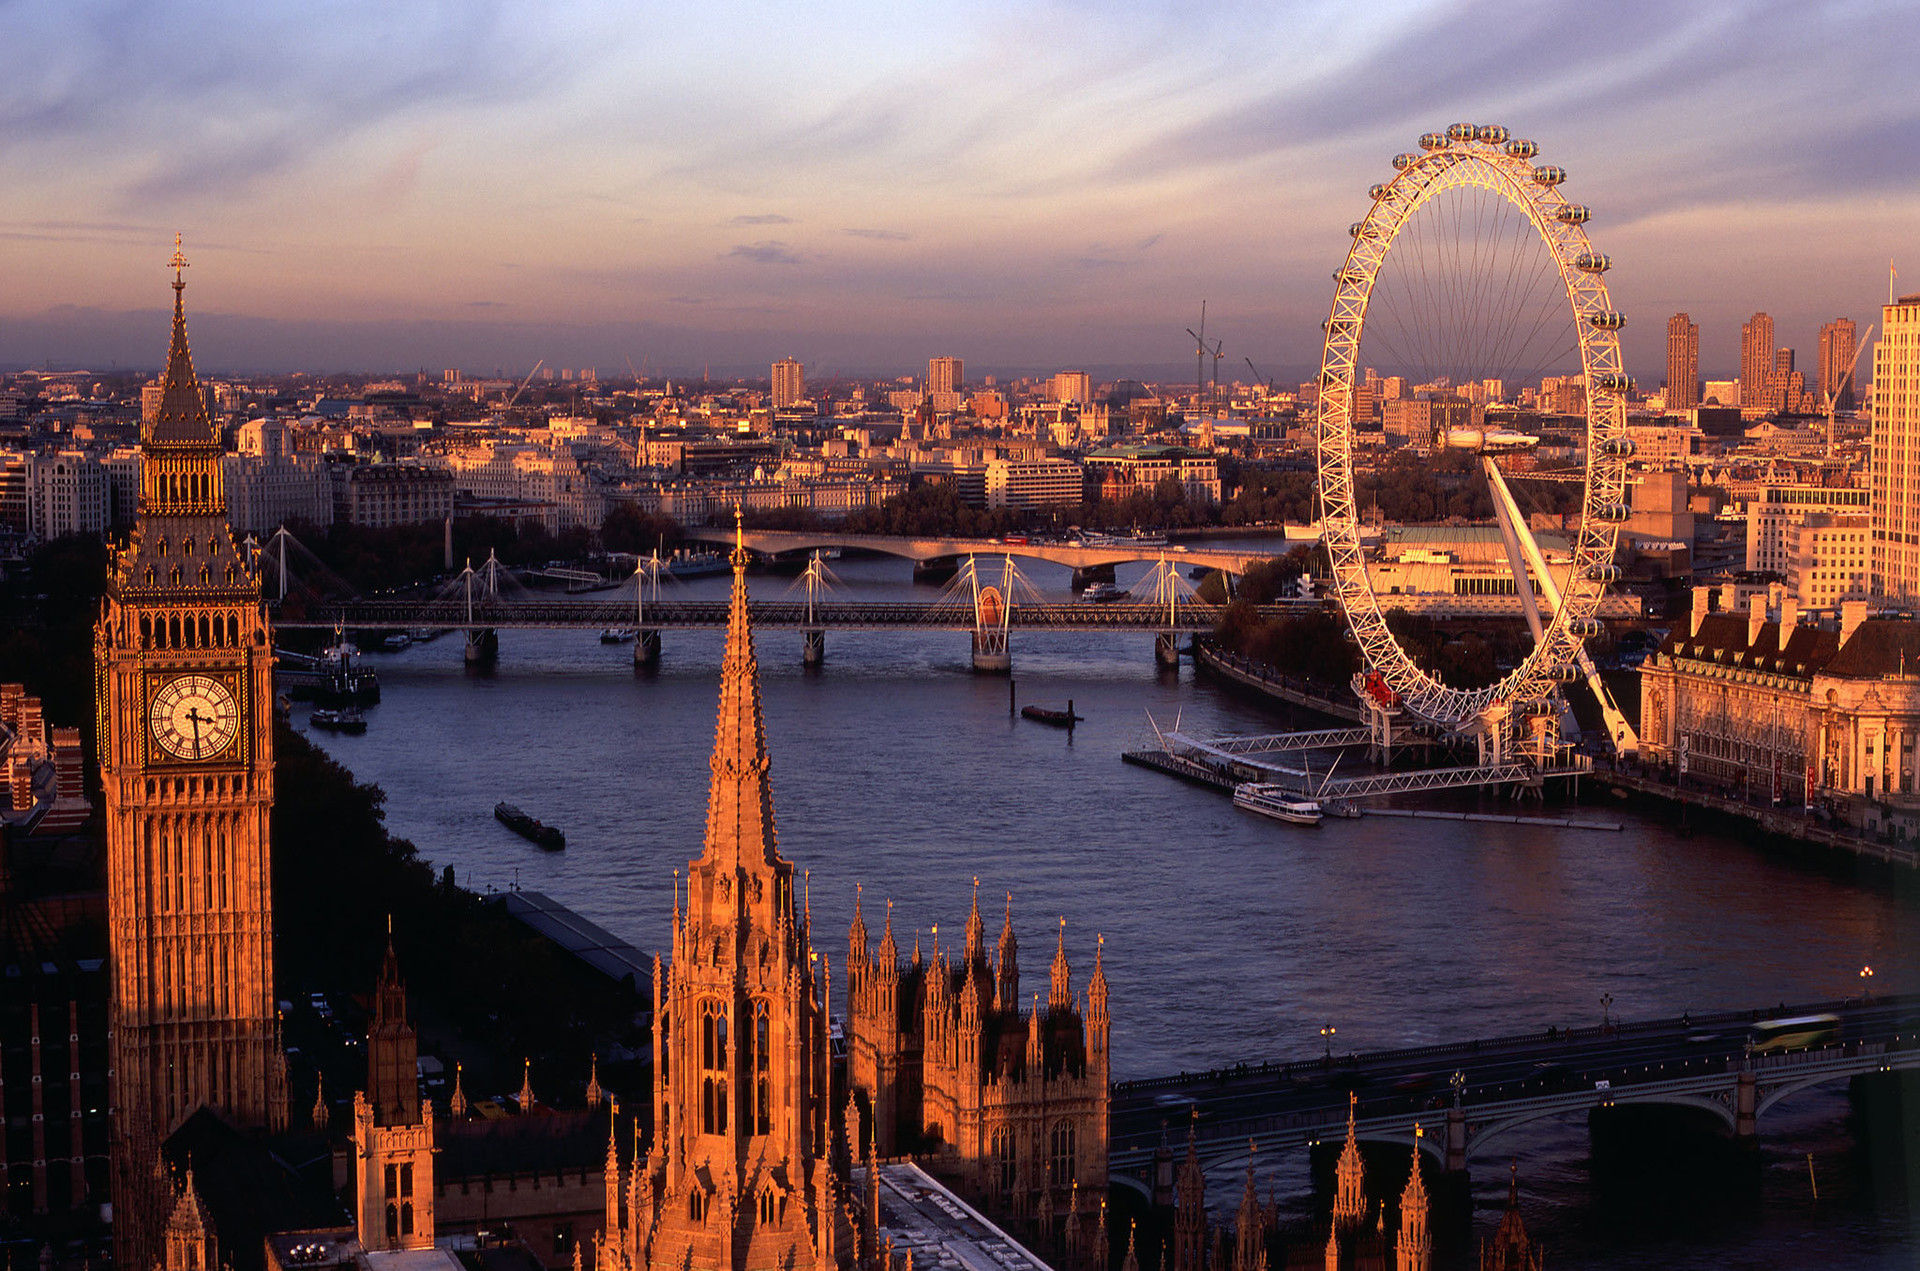 Doświadczenia z Londynu, Wielka Brytania według Kajali